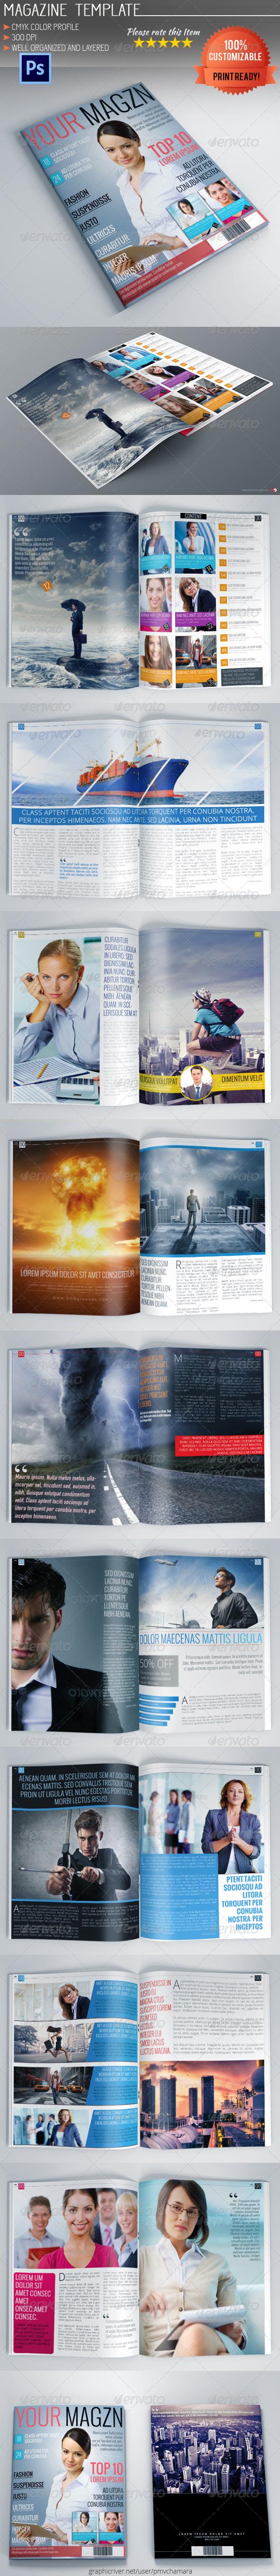 GraphicRiver Corporate Magazine Template 5483257